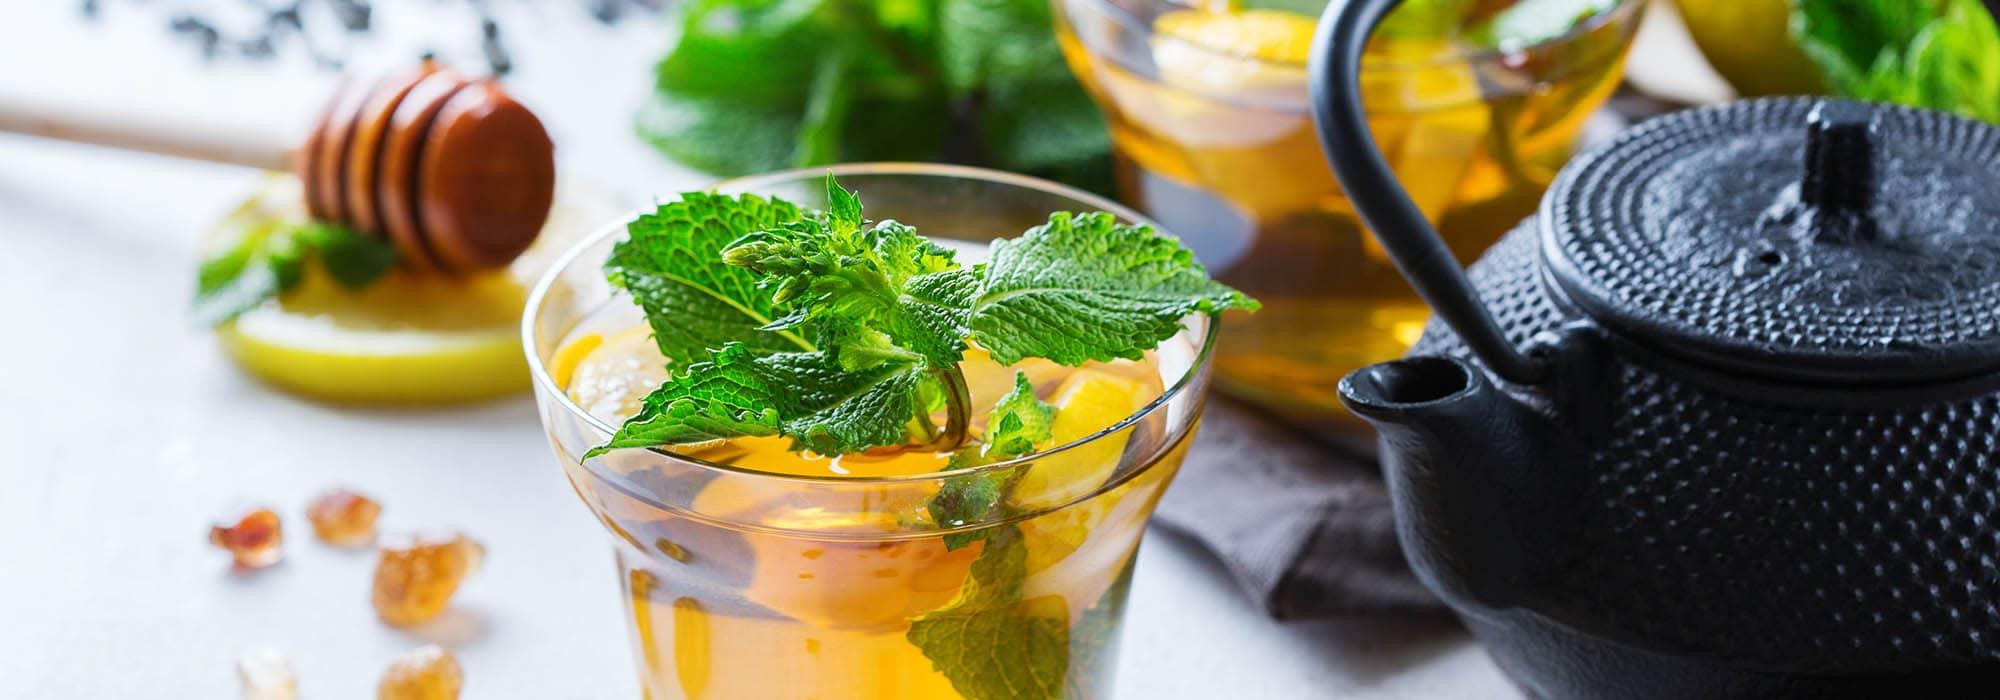 Découvrez notre sélection de thés et infusions bio La Vie Claire